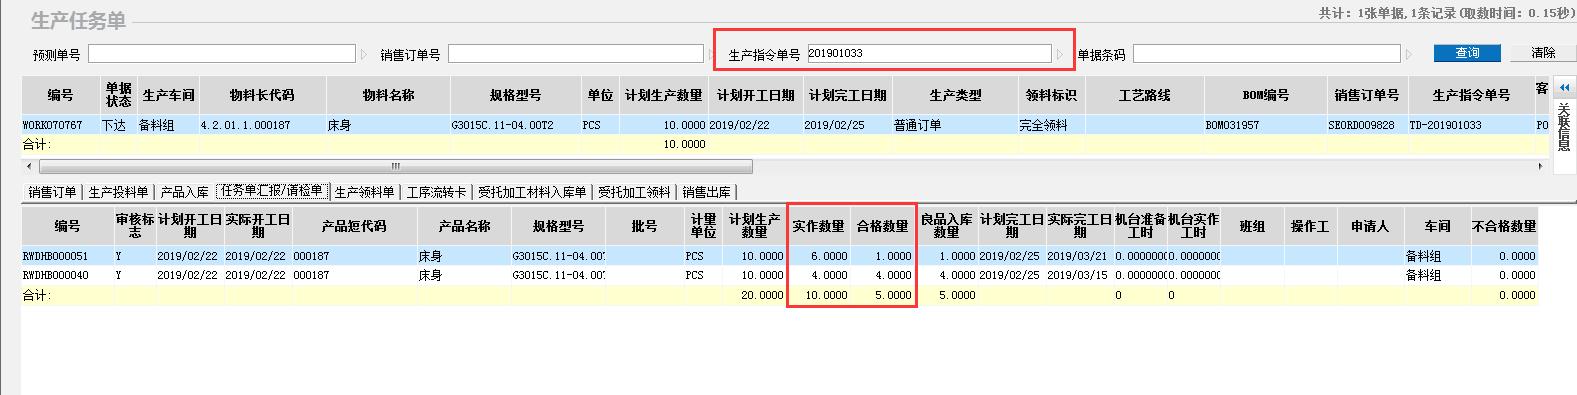 任务单汇报合格数量